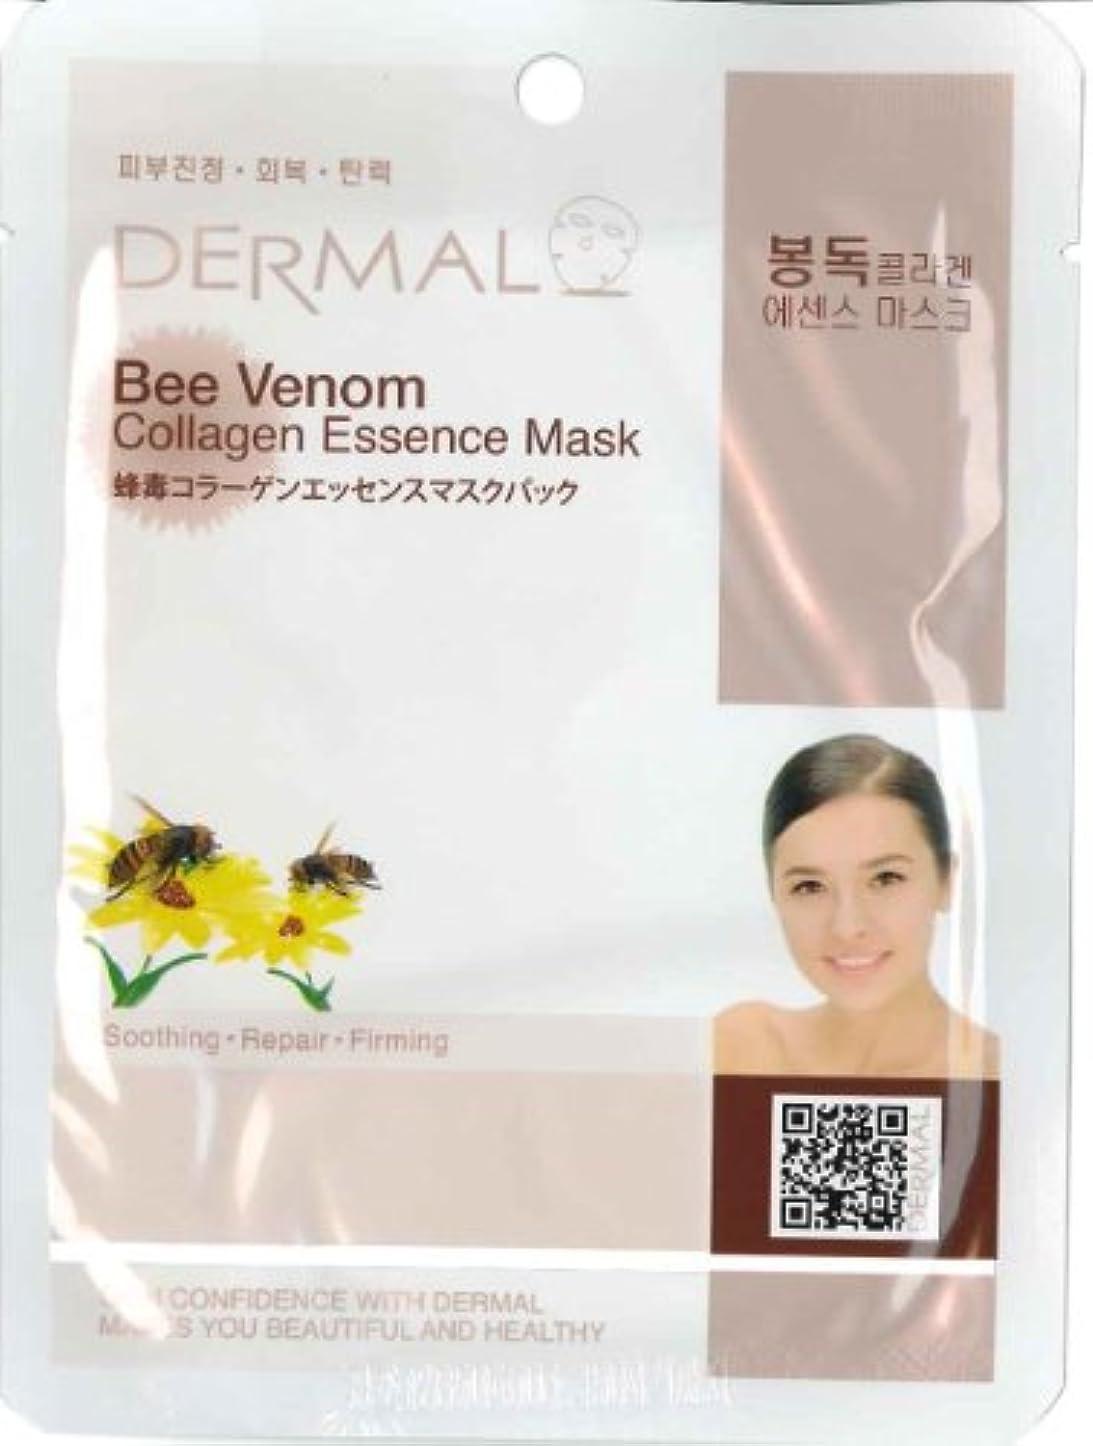 エレメンタルアマゾンジャングルスロー蜂毒パック(フェイスパック)ミツバチ毒シートマスク 100枚セット ダーマル(Dermal)